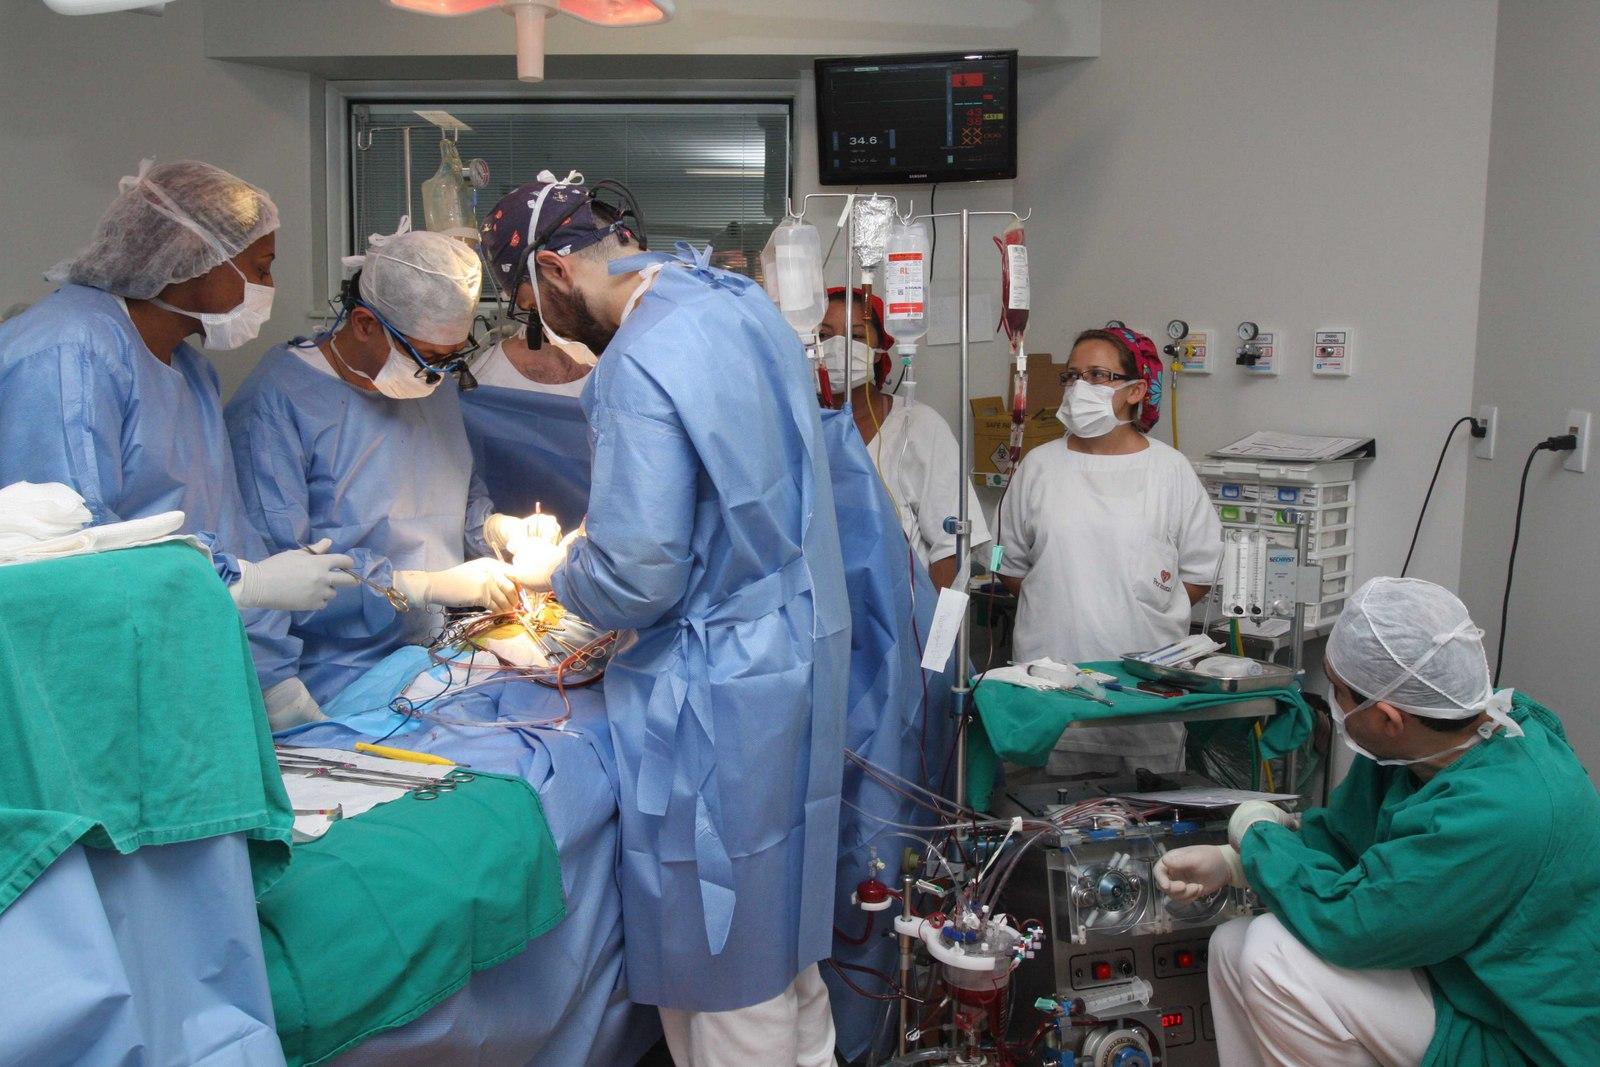 N mero de transplantes sobe 900 em 20 anos no estado de for No mas 900 oficina directa